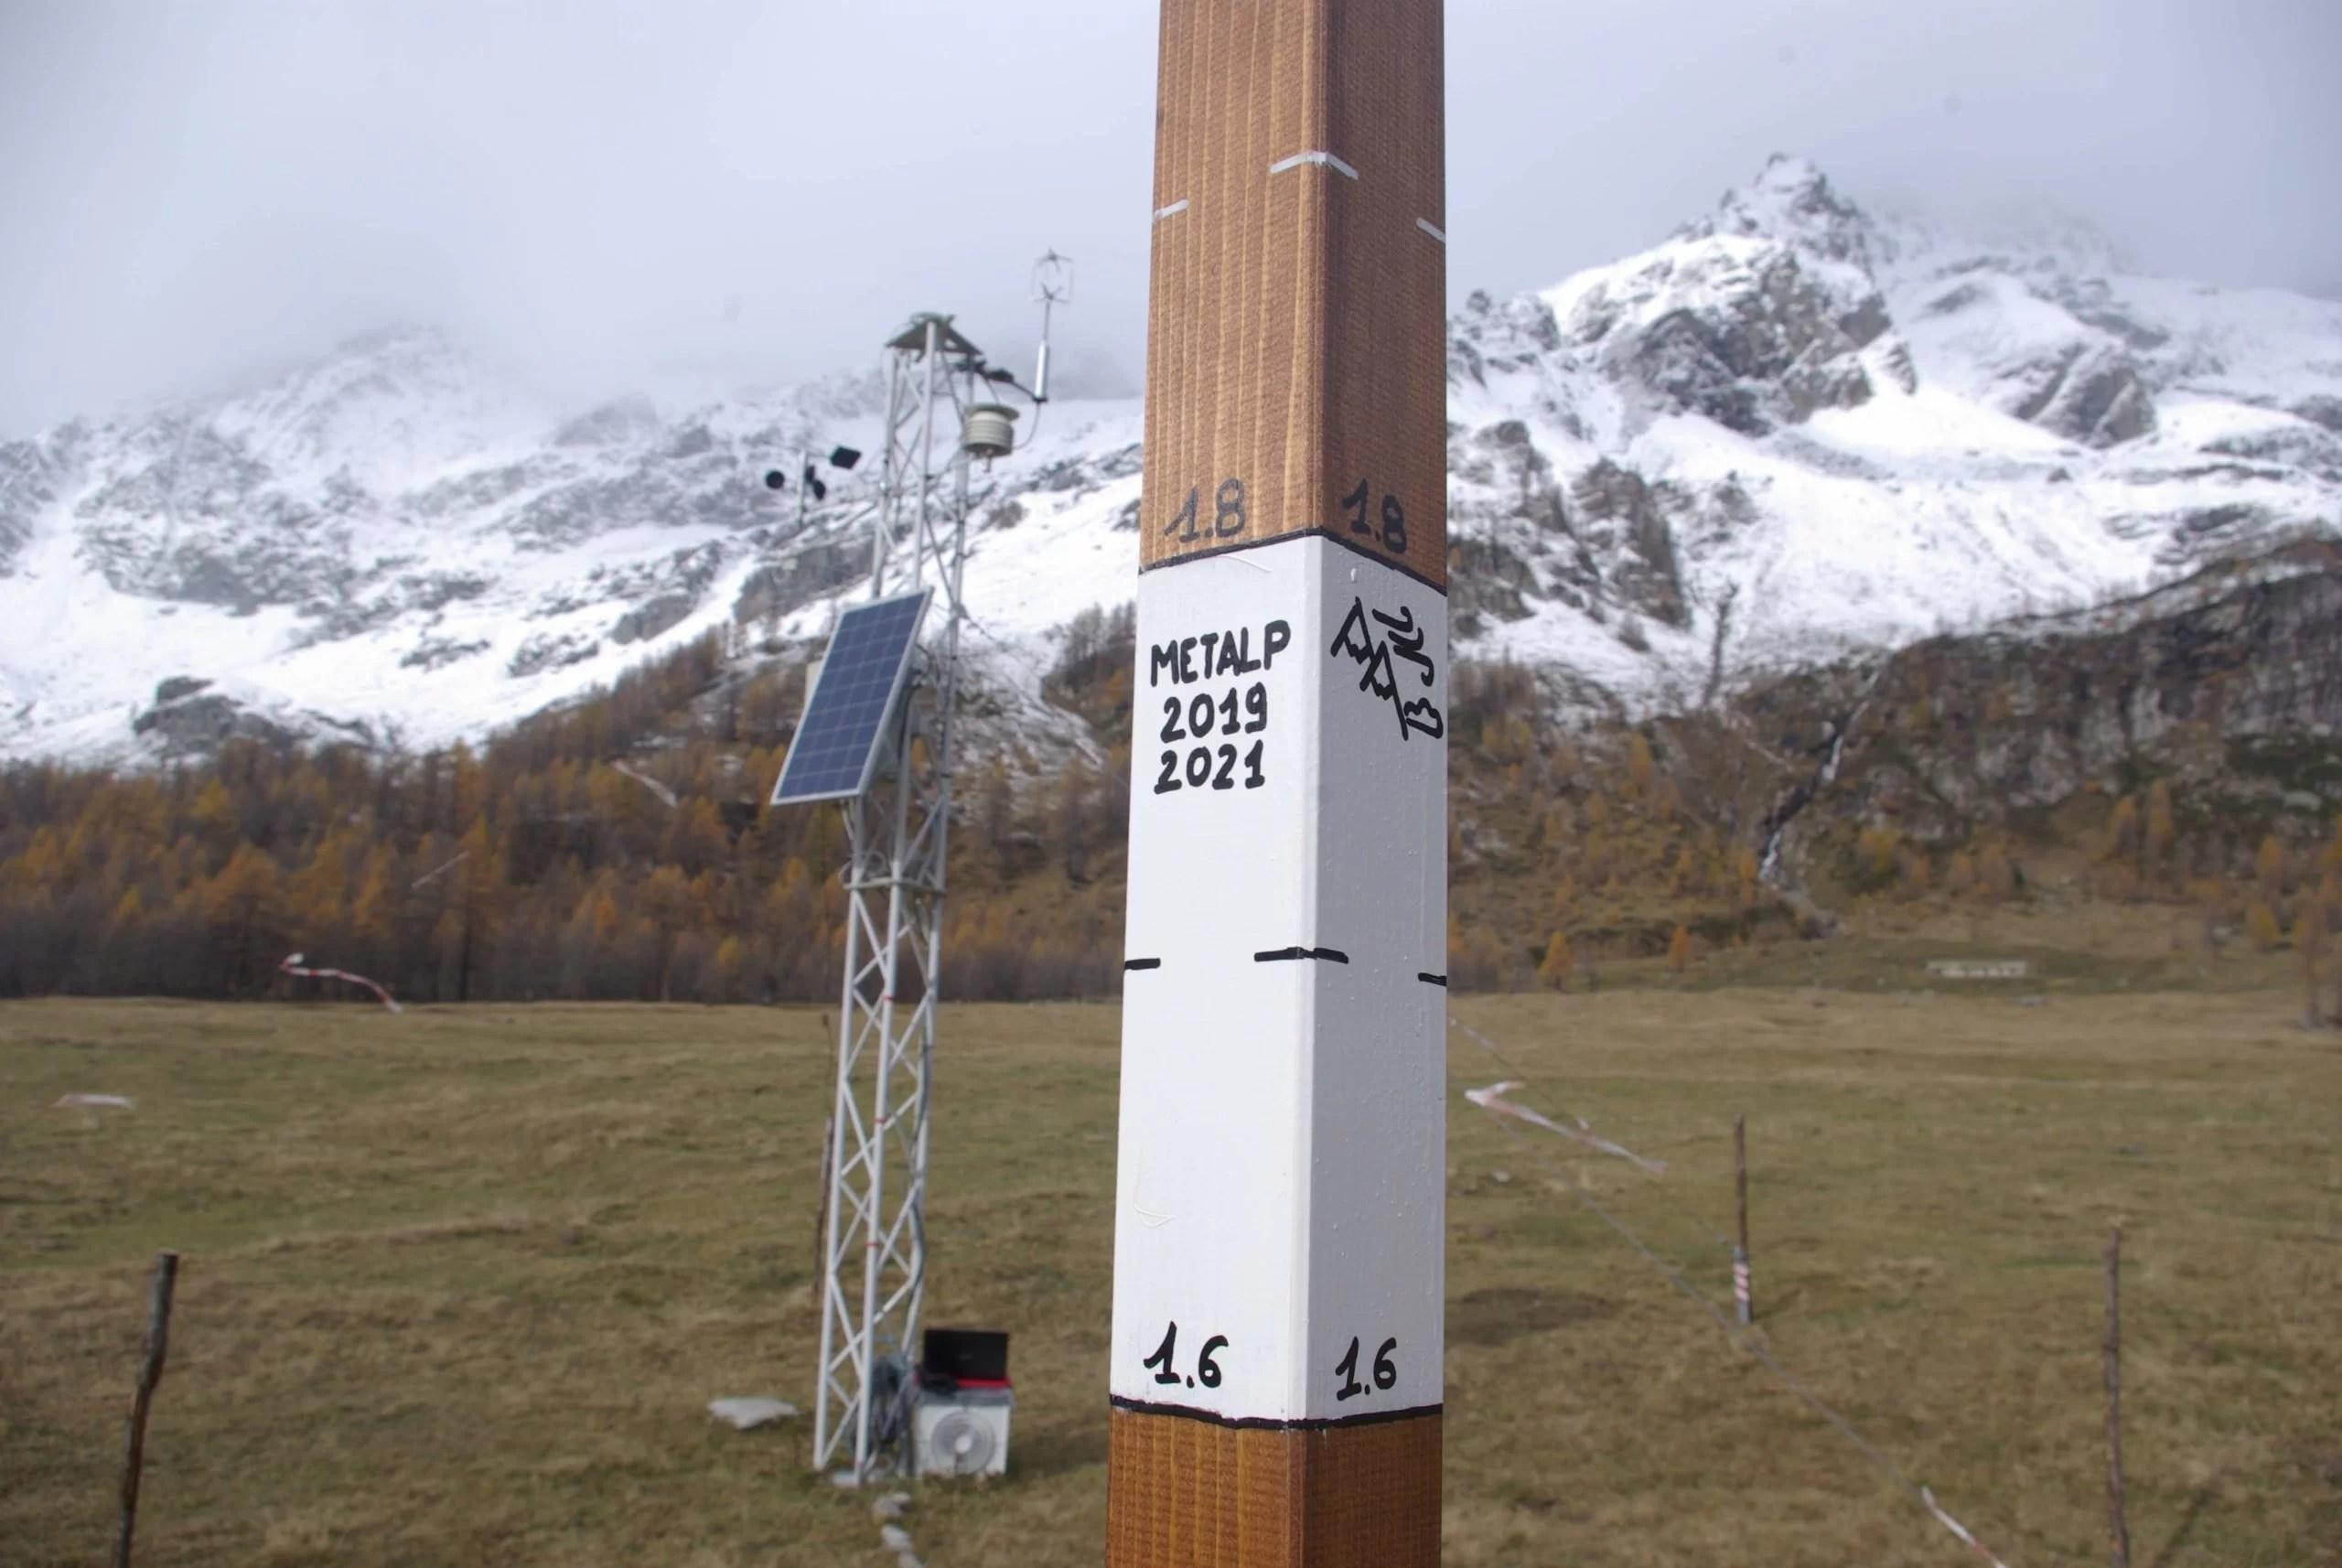 La stazione dell'Alpe Veglia con l'asta nivometrica (novembre 2019)